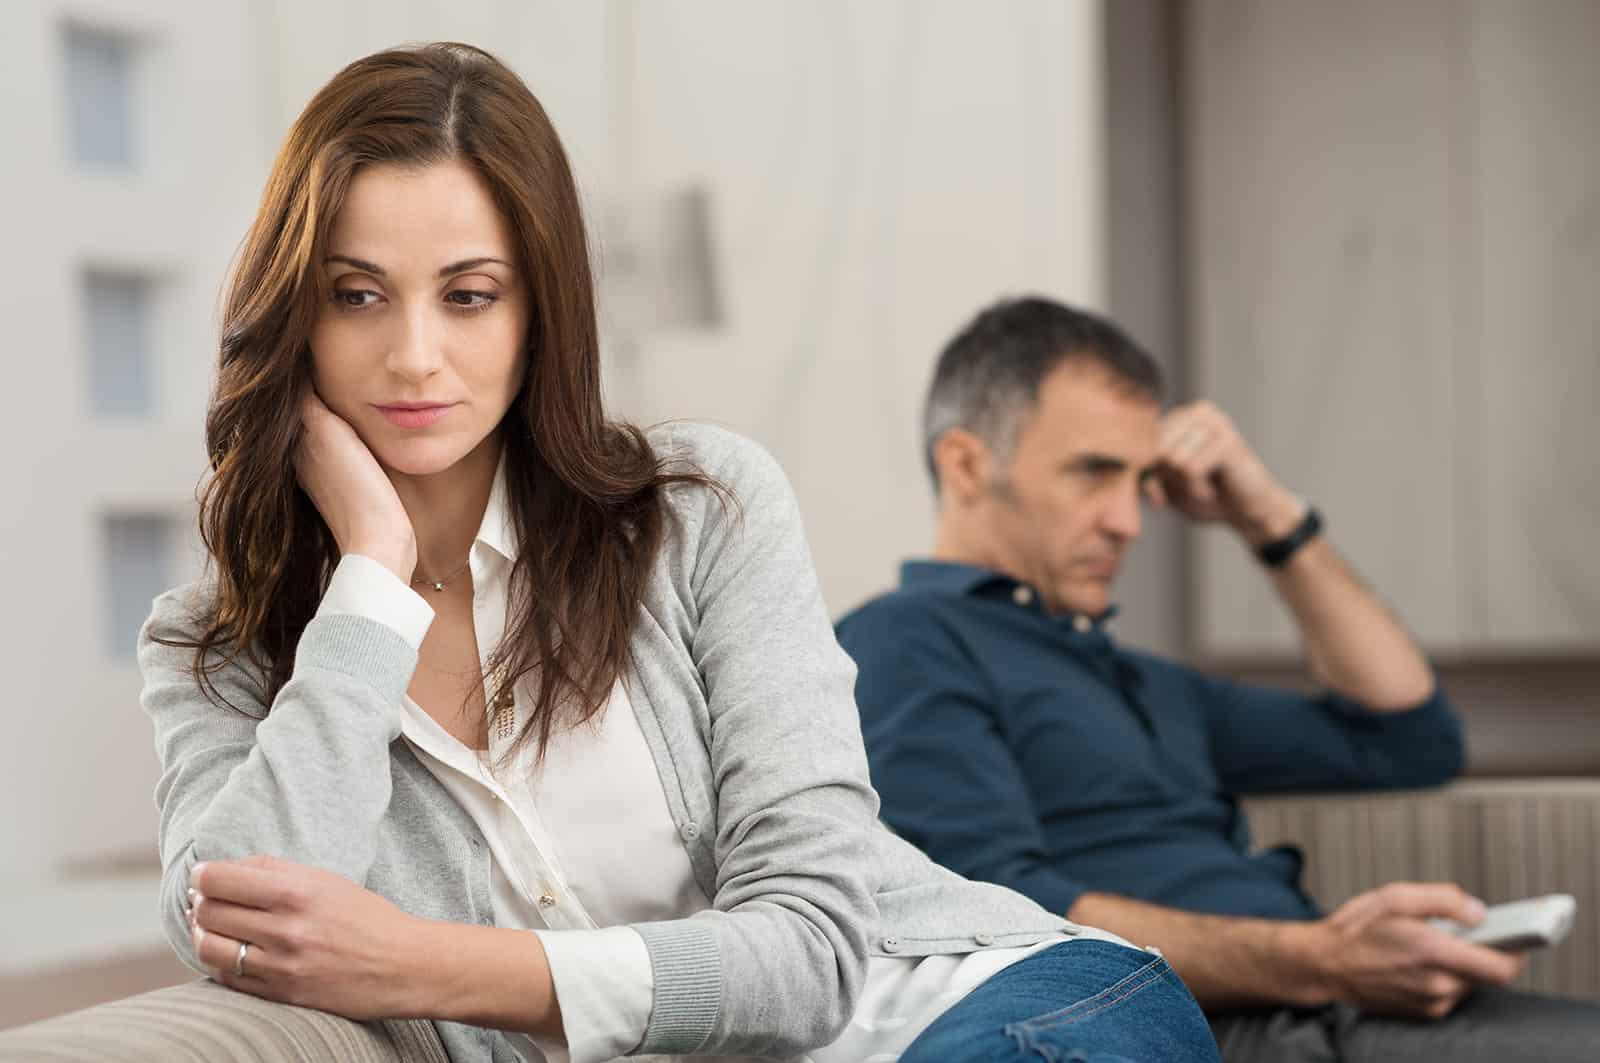 eine Frau, die sich von einem Mann abwendet, der zu Hause fernsieht